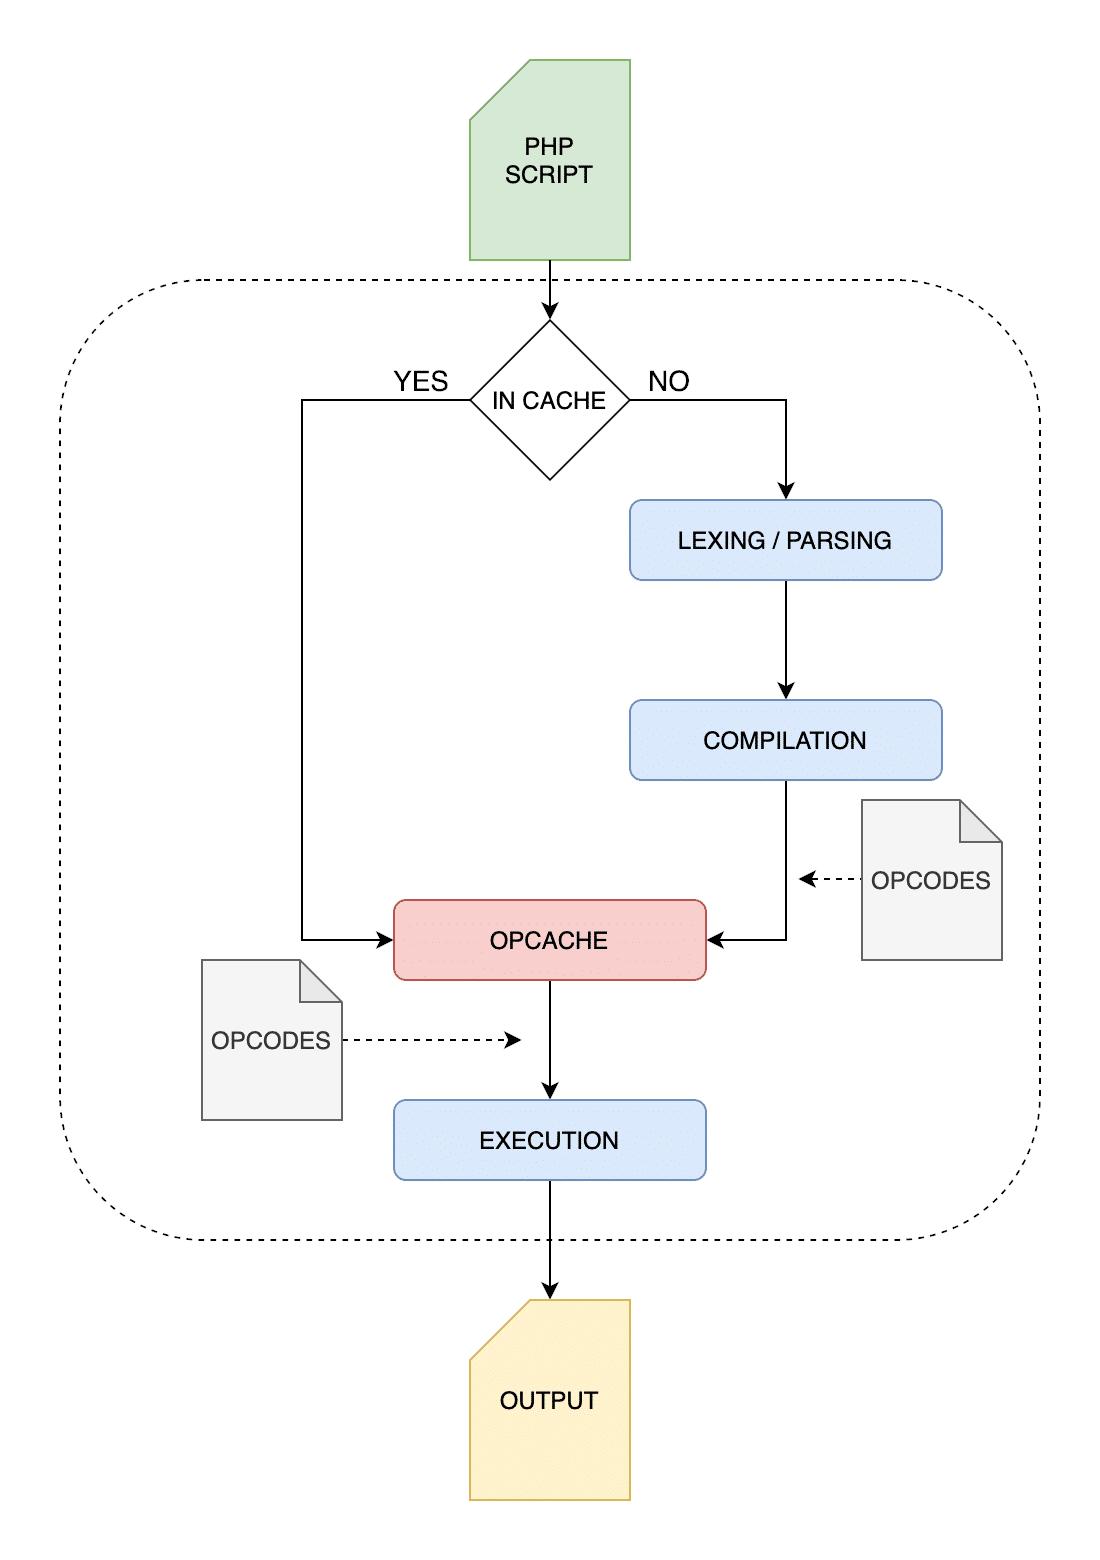 PHP-Ausführungsprozess mit aktiviertem OPcache